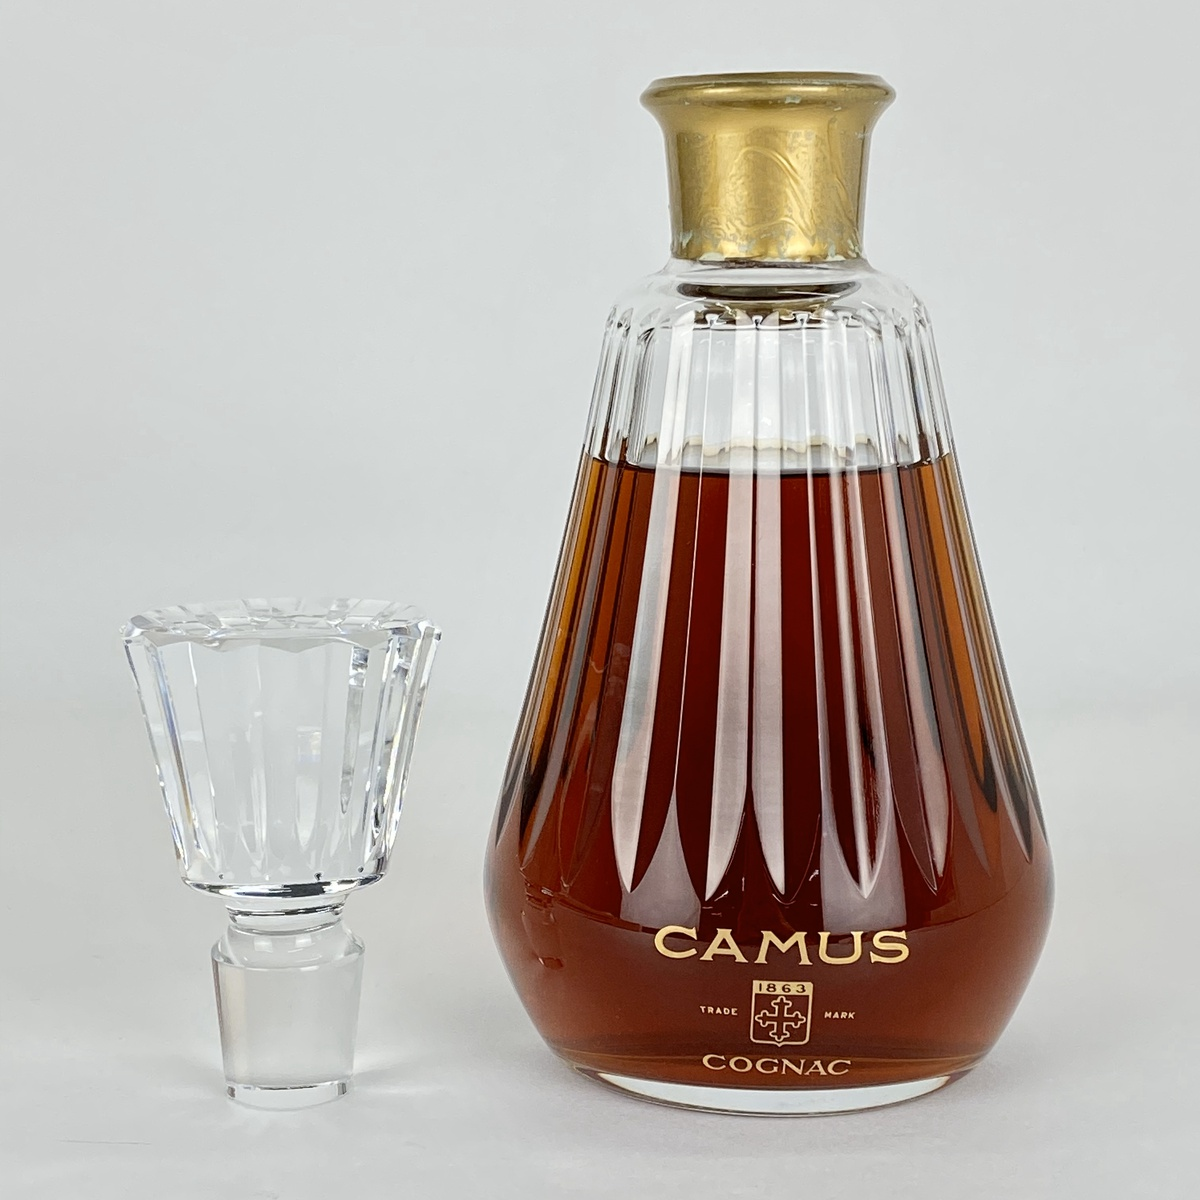 カミュ CAMUS カラフェ バカラ 700ml ブランデー コニャック 【古酒】